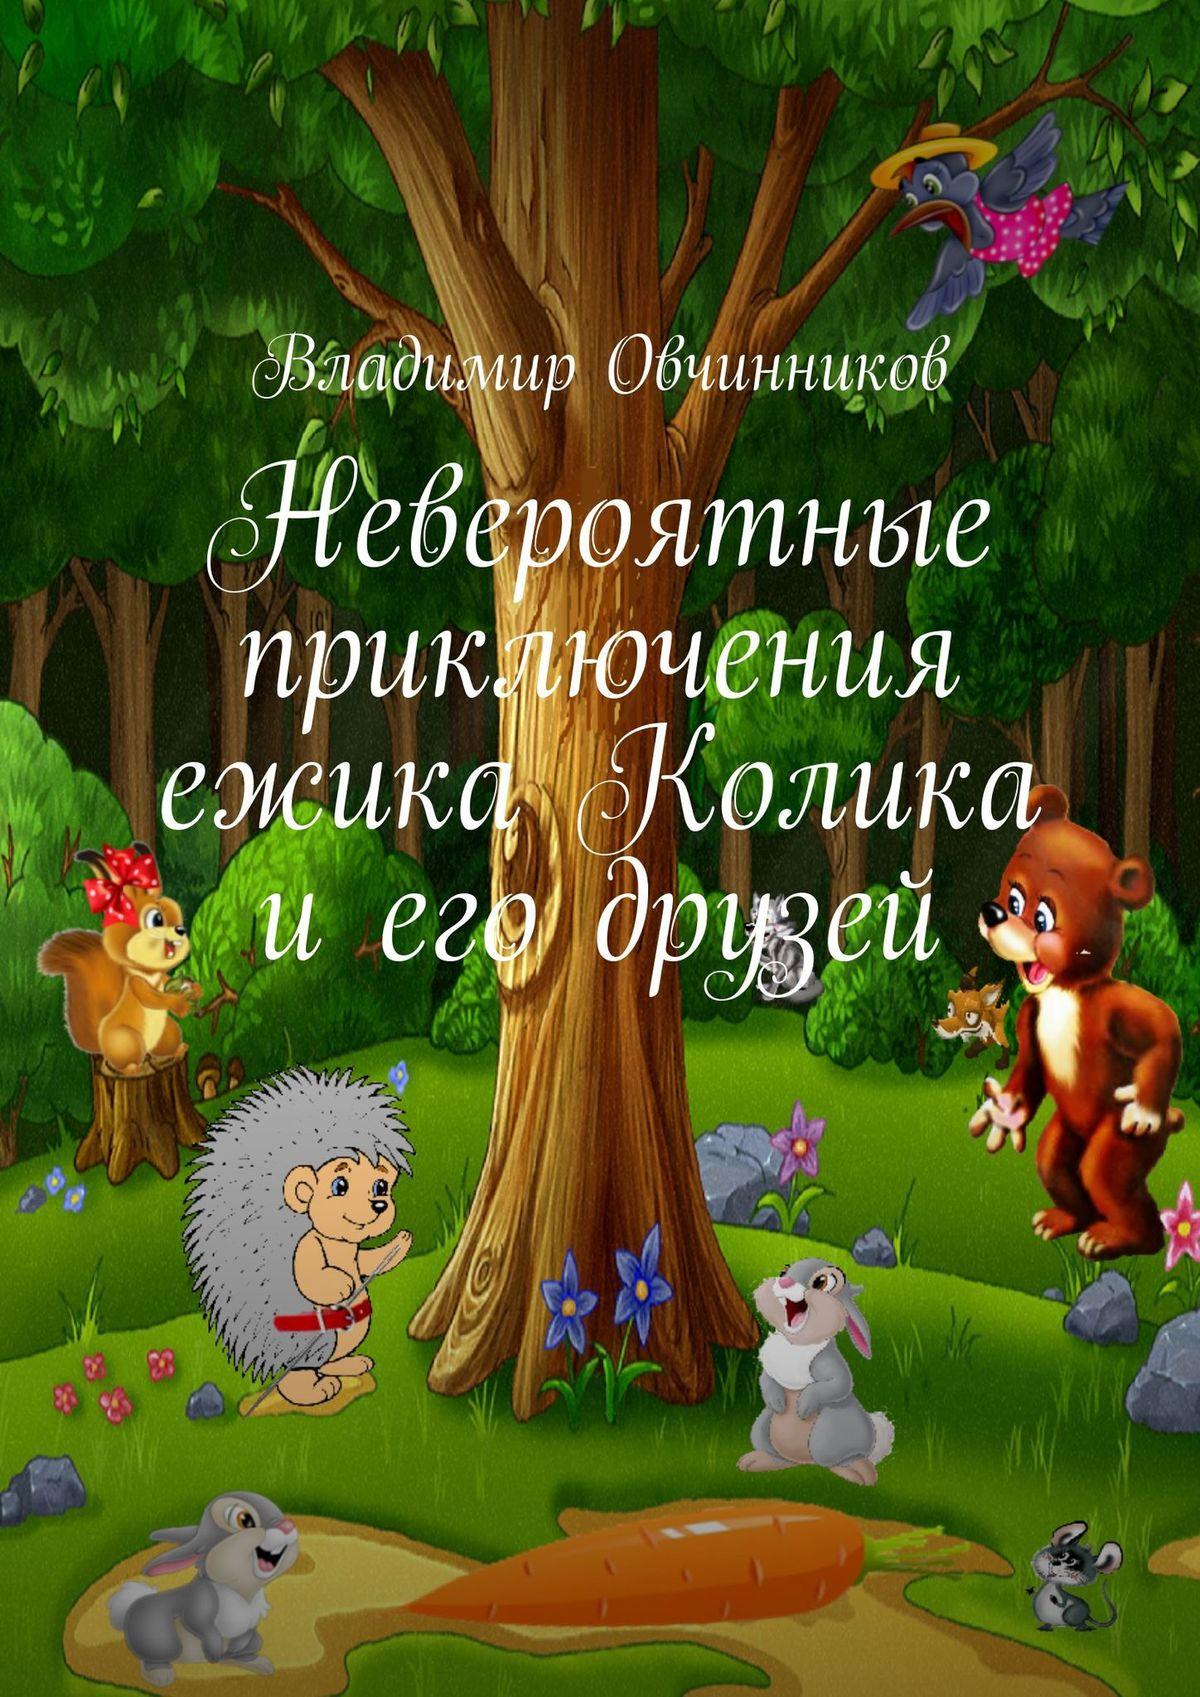 Владимир Овчинников Невероятные приключения ежика Колика иего друзей